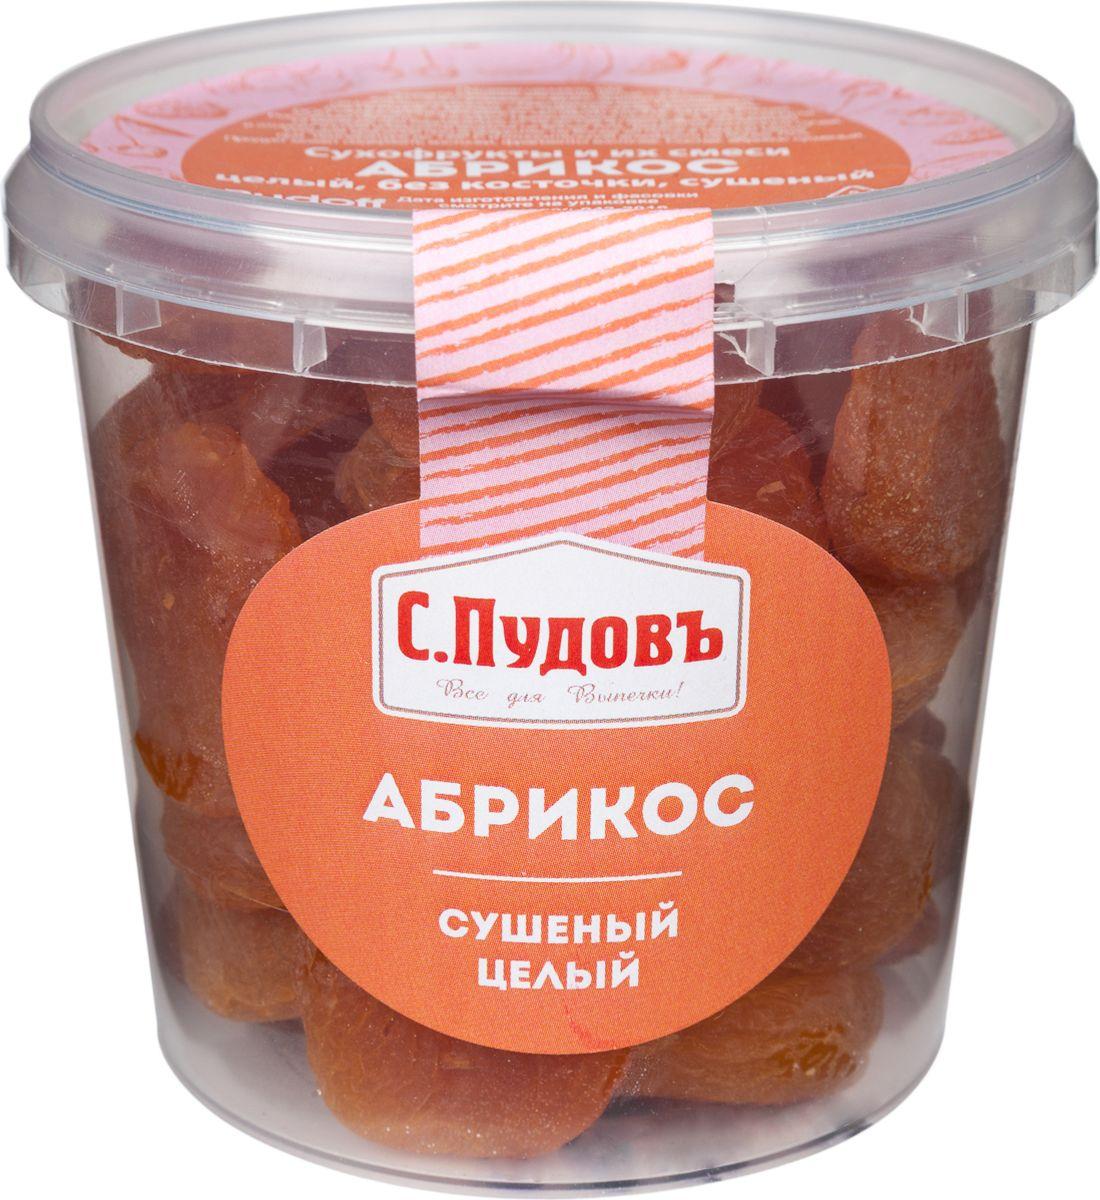 Фото Пудовъ абрикос сушеный целый, 250 г. Купить  в РФ